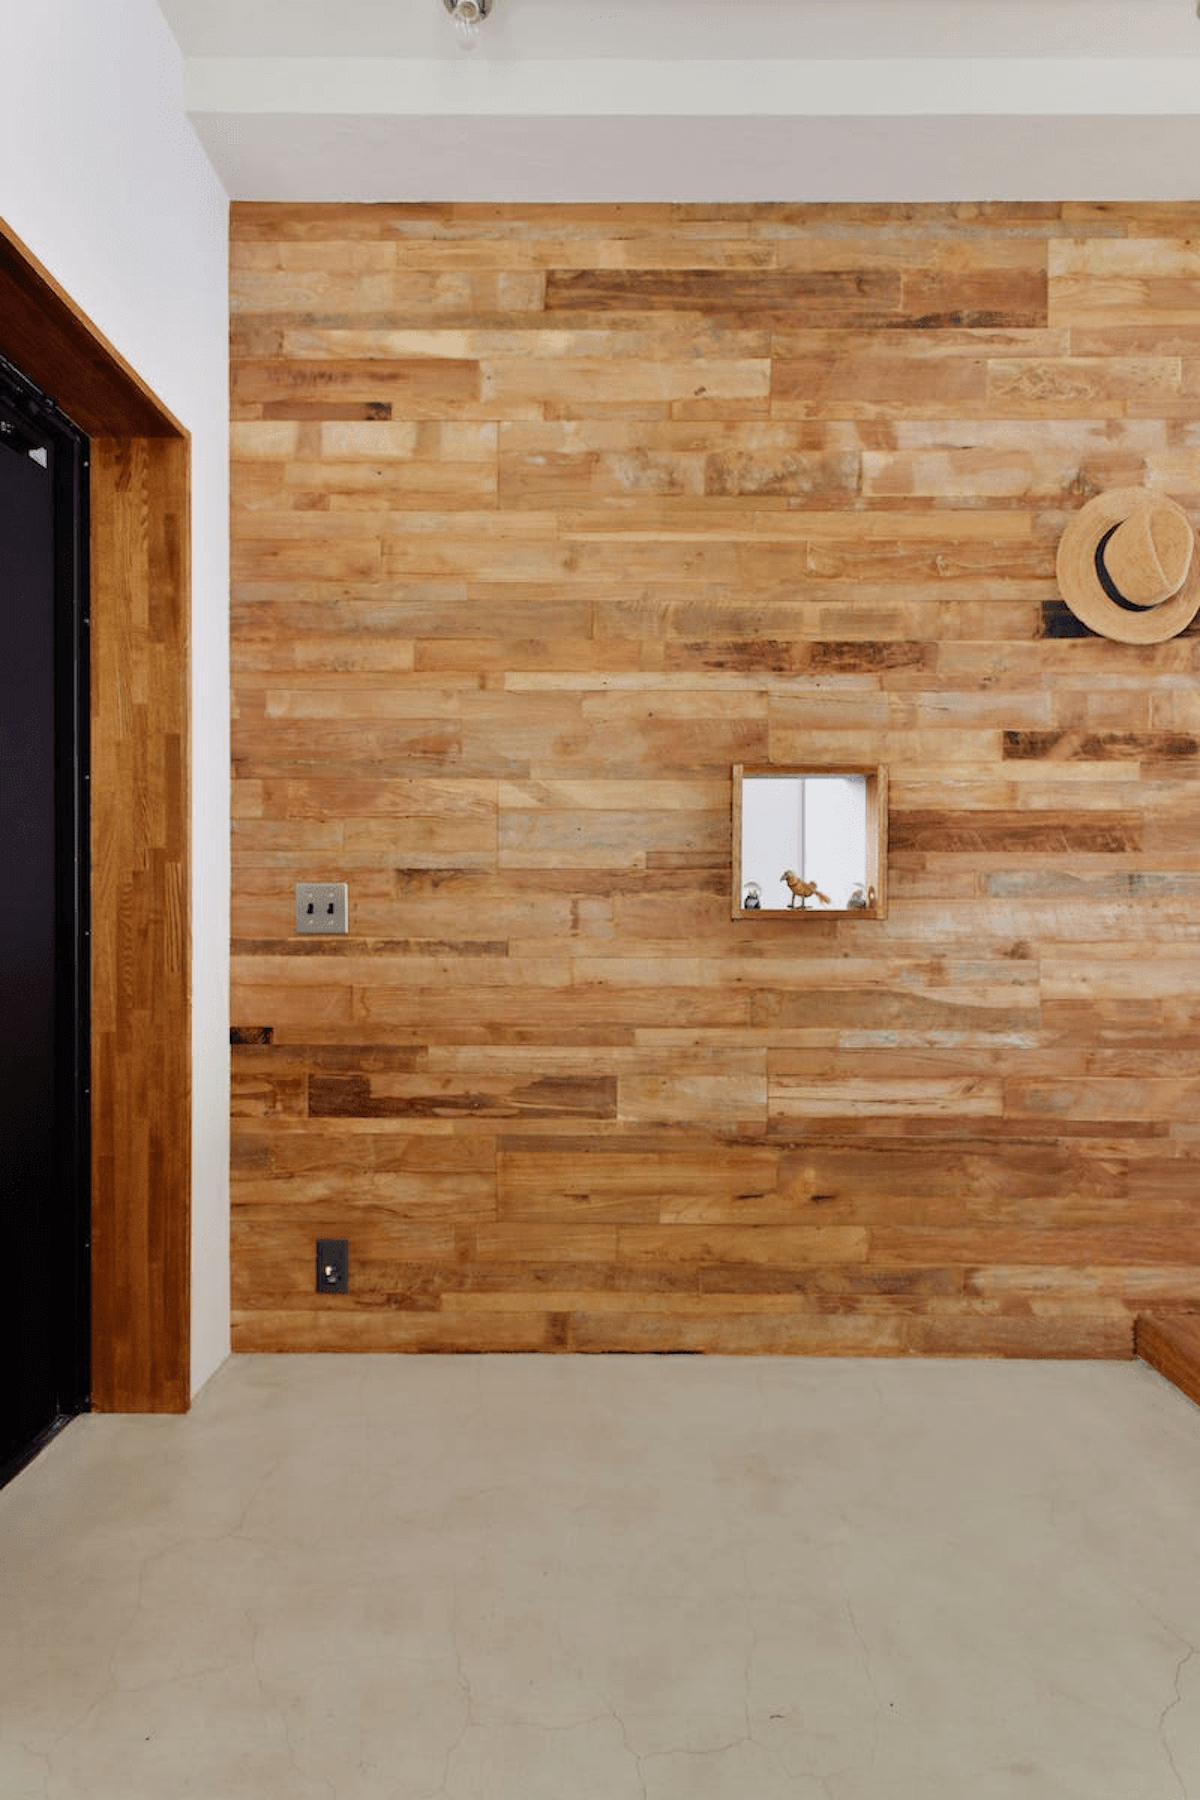 木材のモザイクパネルを使った壁